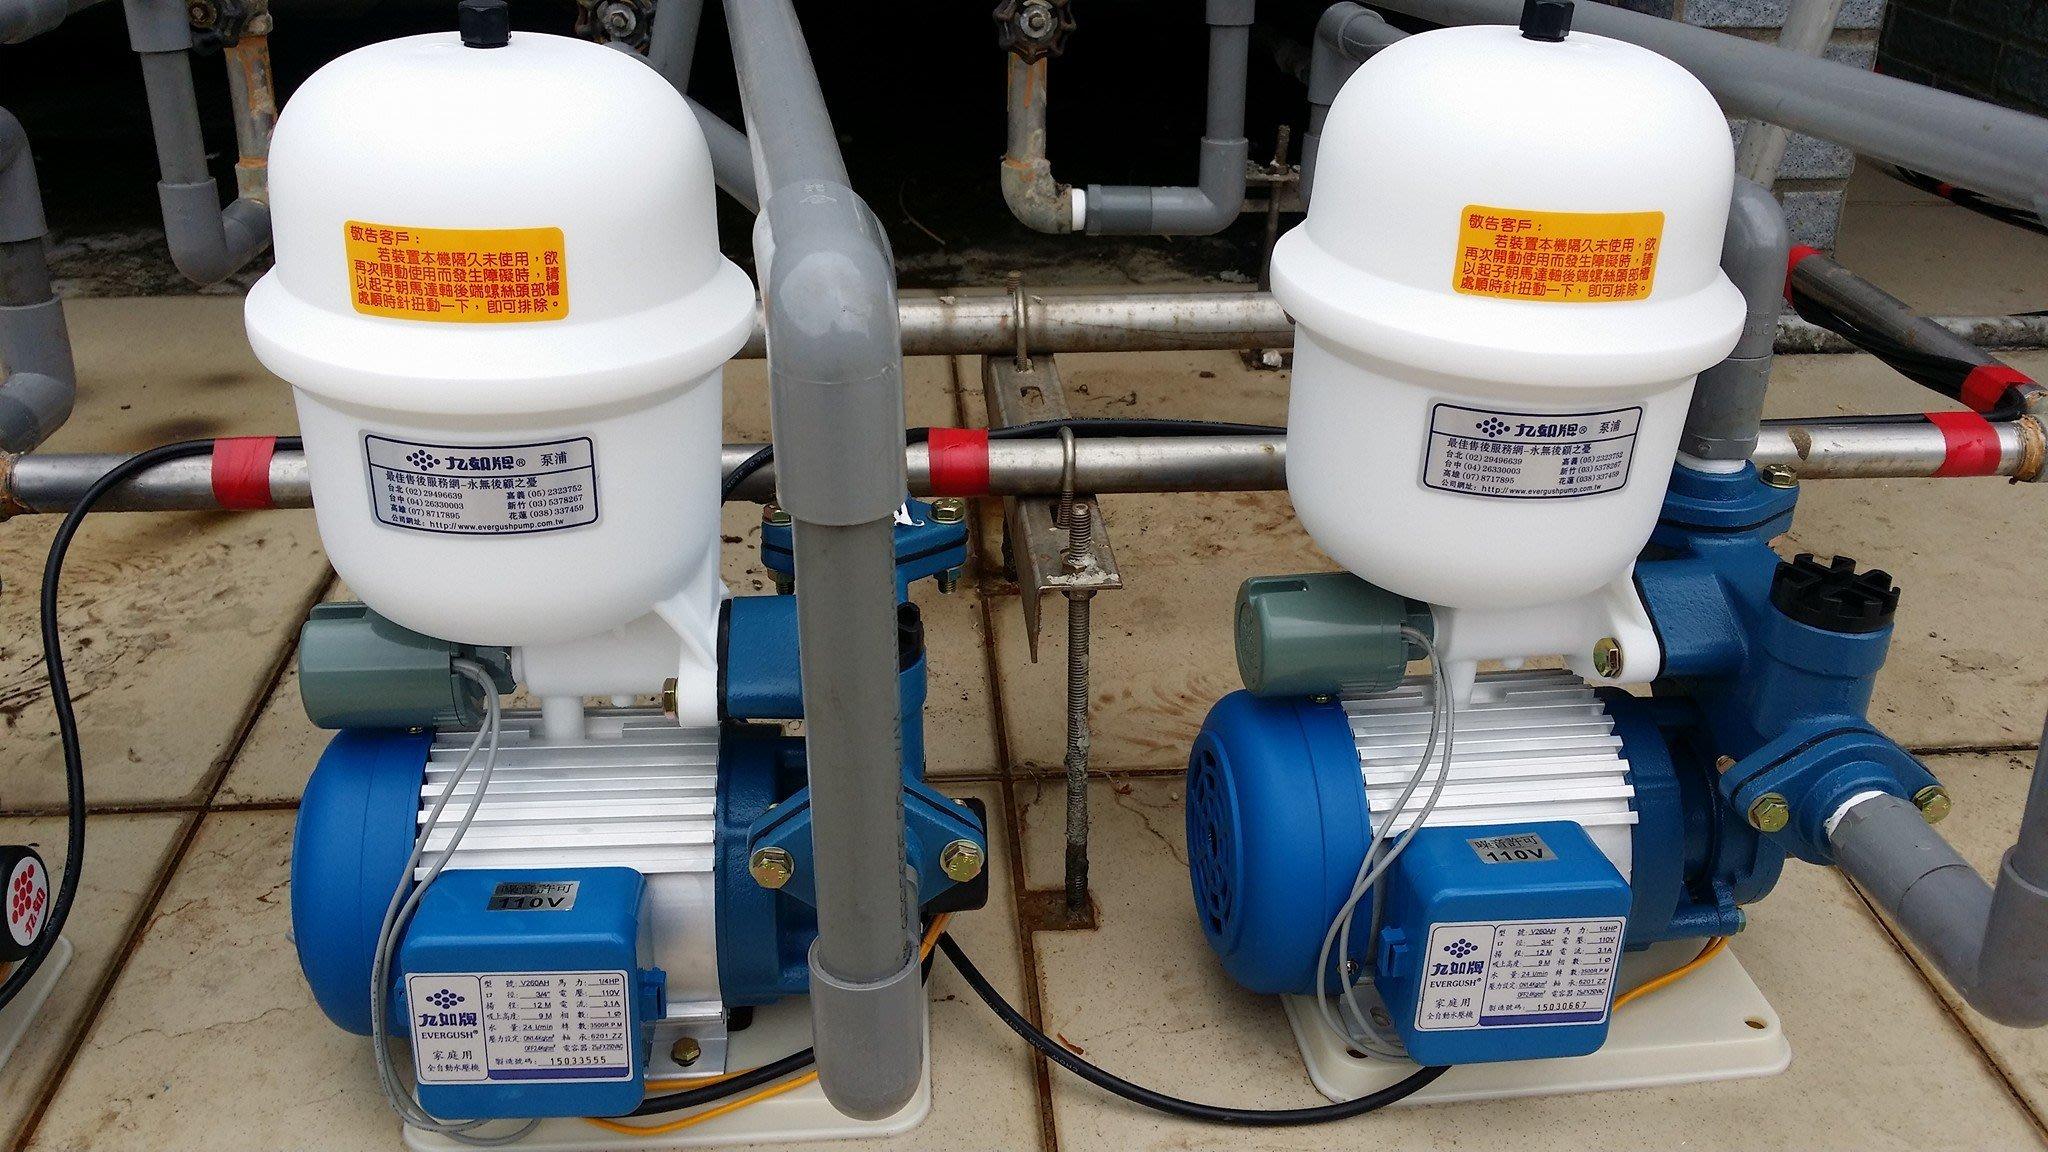 九如牌 V260 AH 全自動 水壓機 加壓機 加壓馬達 1/4HP 無水斷電 可取代木川 KP820 NT